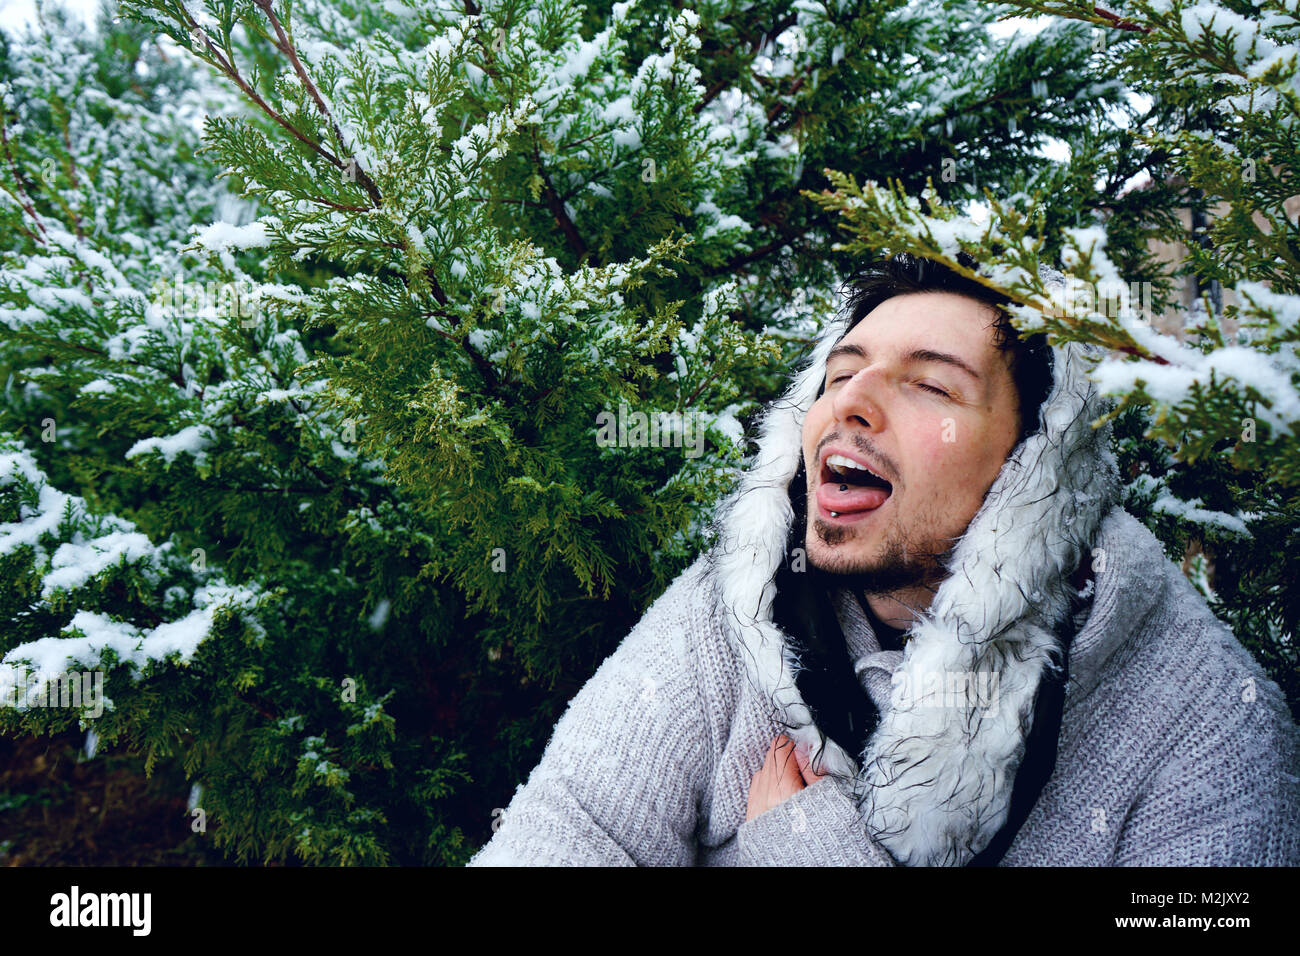 Jeune homme jouissant d'un jour de neige et d'hiver Photo Stock